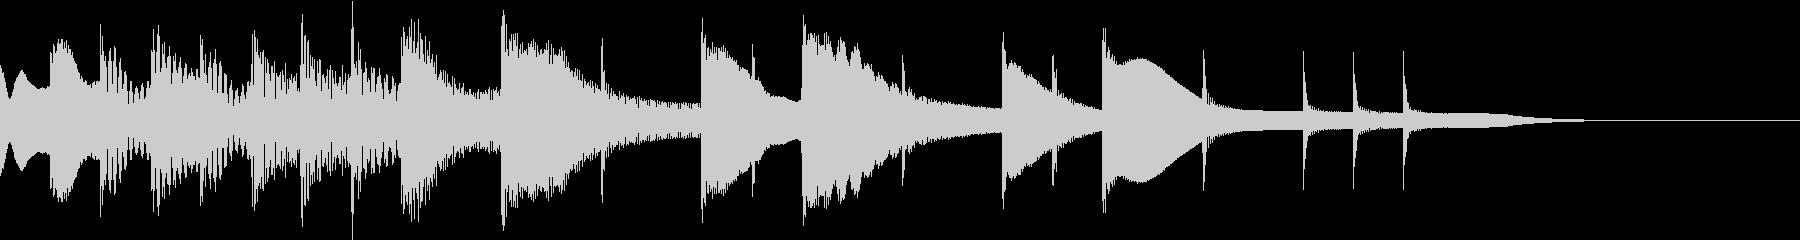 ビブラフォン奏者のためのジングルの未再生の波形